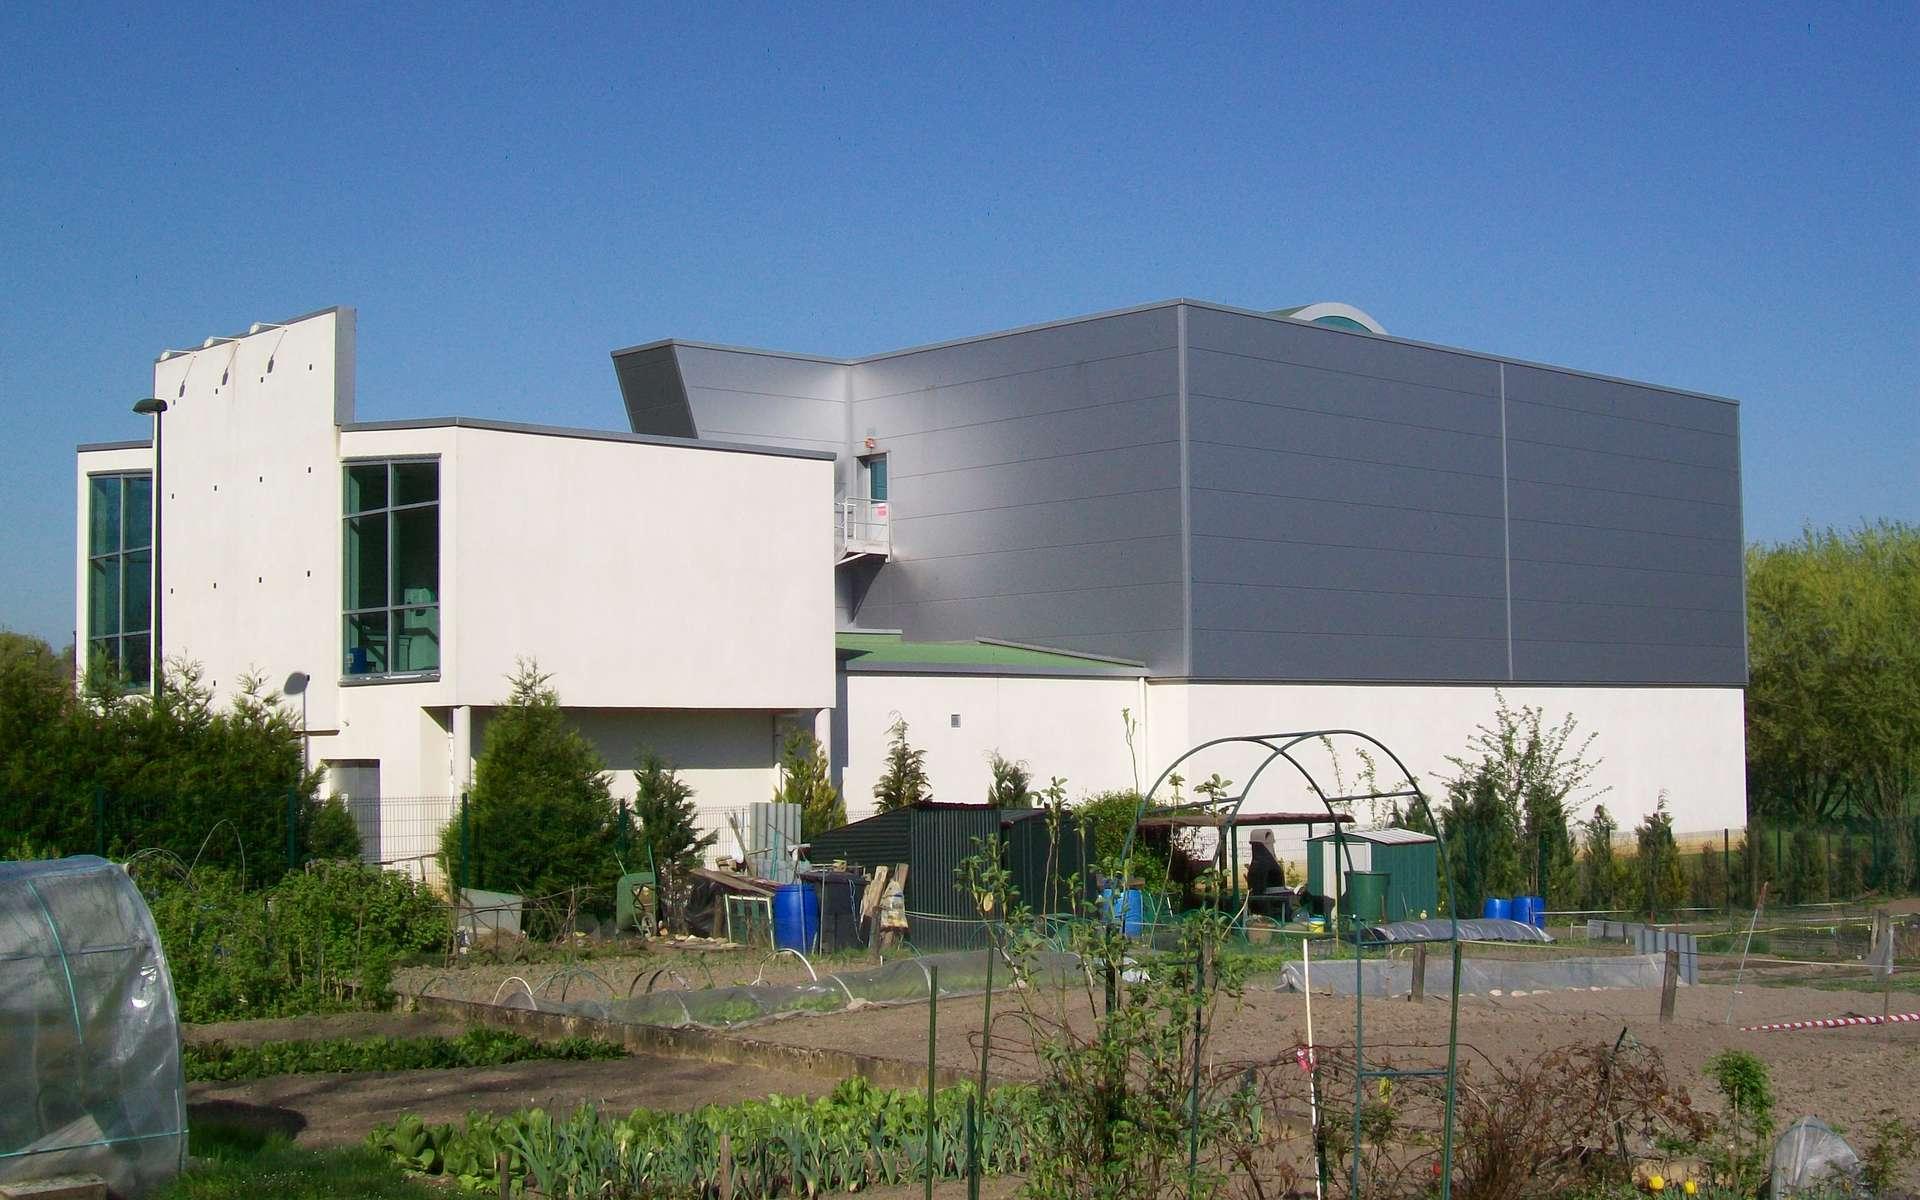 L'assainissement collectif consiste à recueillir les eaux usées dans les égouts, puis à les traiter dans une station d'épuration comme celle située à Senlis. © P.poschadel, CC BY-SA 2.0, Wikimedia Commons